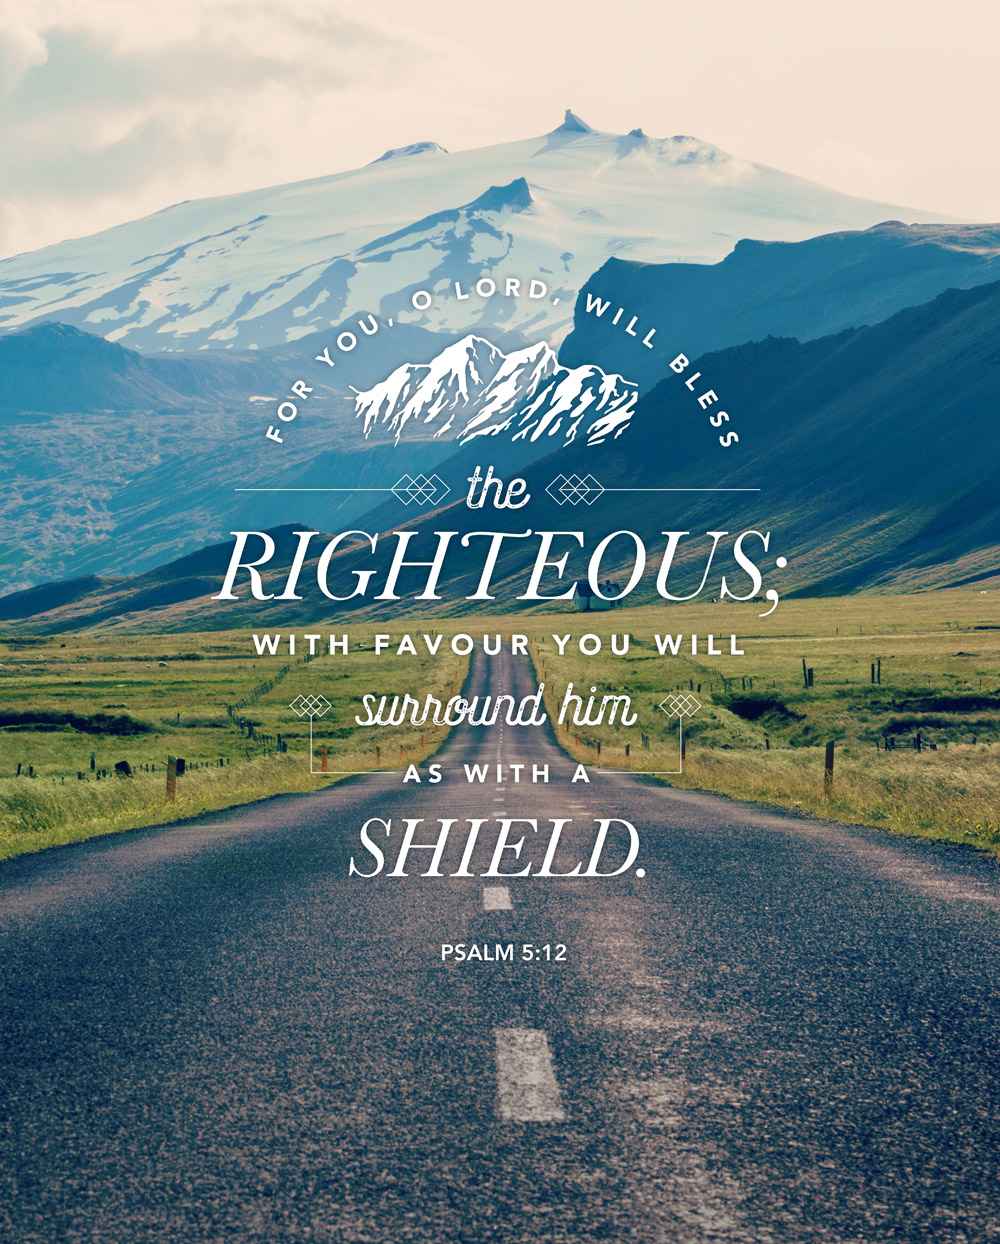 7_JUL Gottes Versprechen – Bibelverse zur Ermutigung | New Creation TV